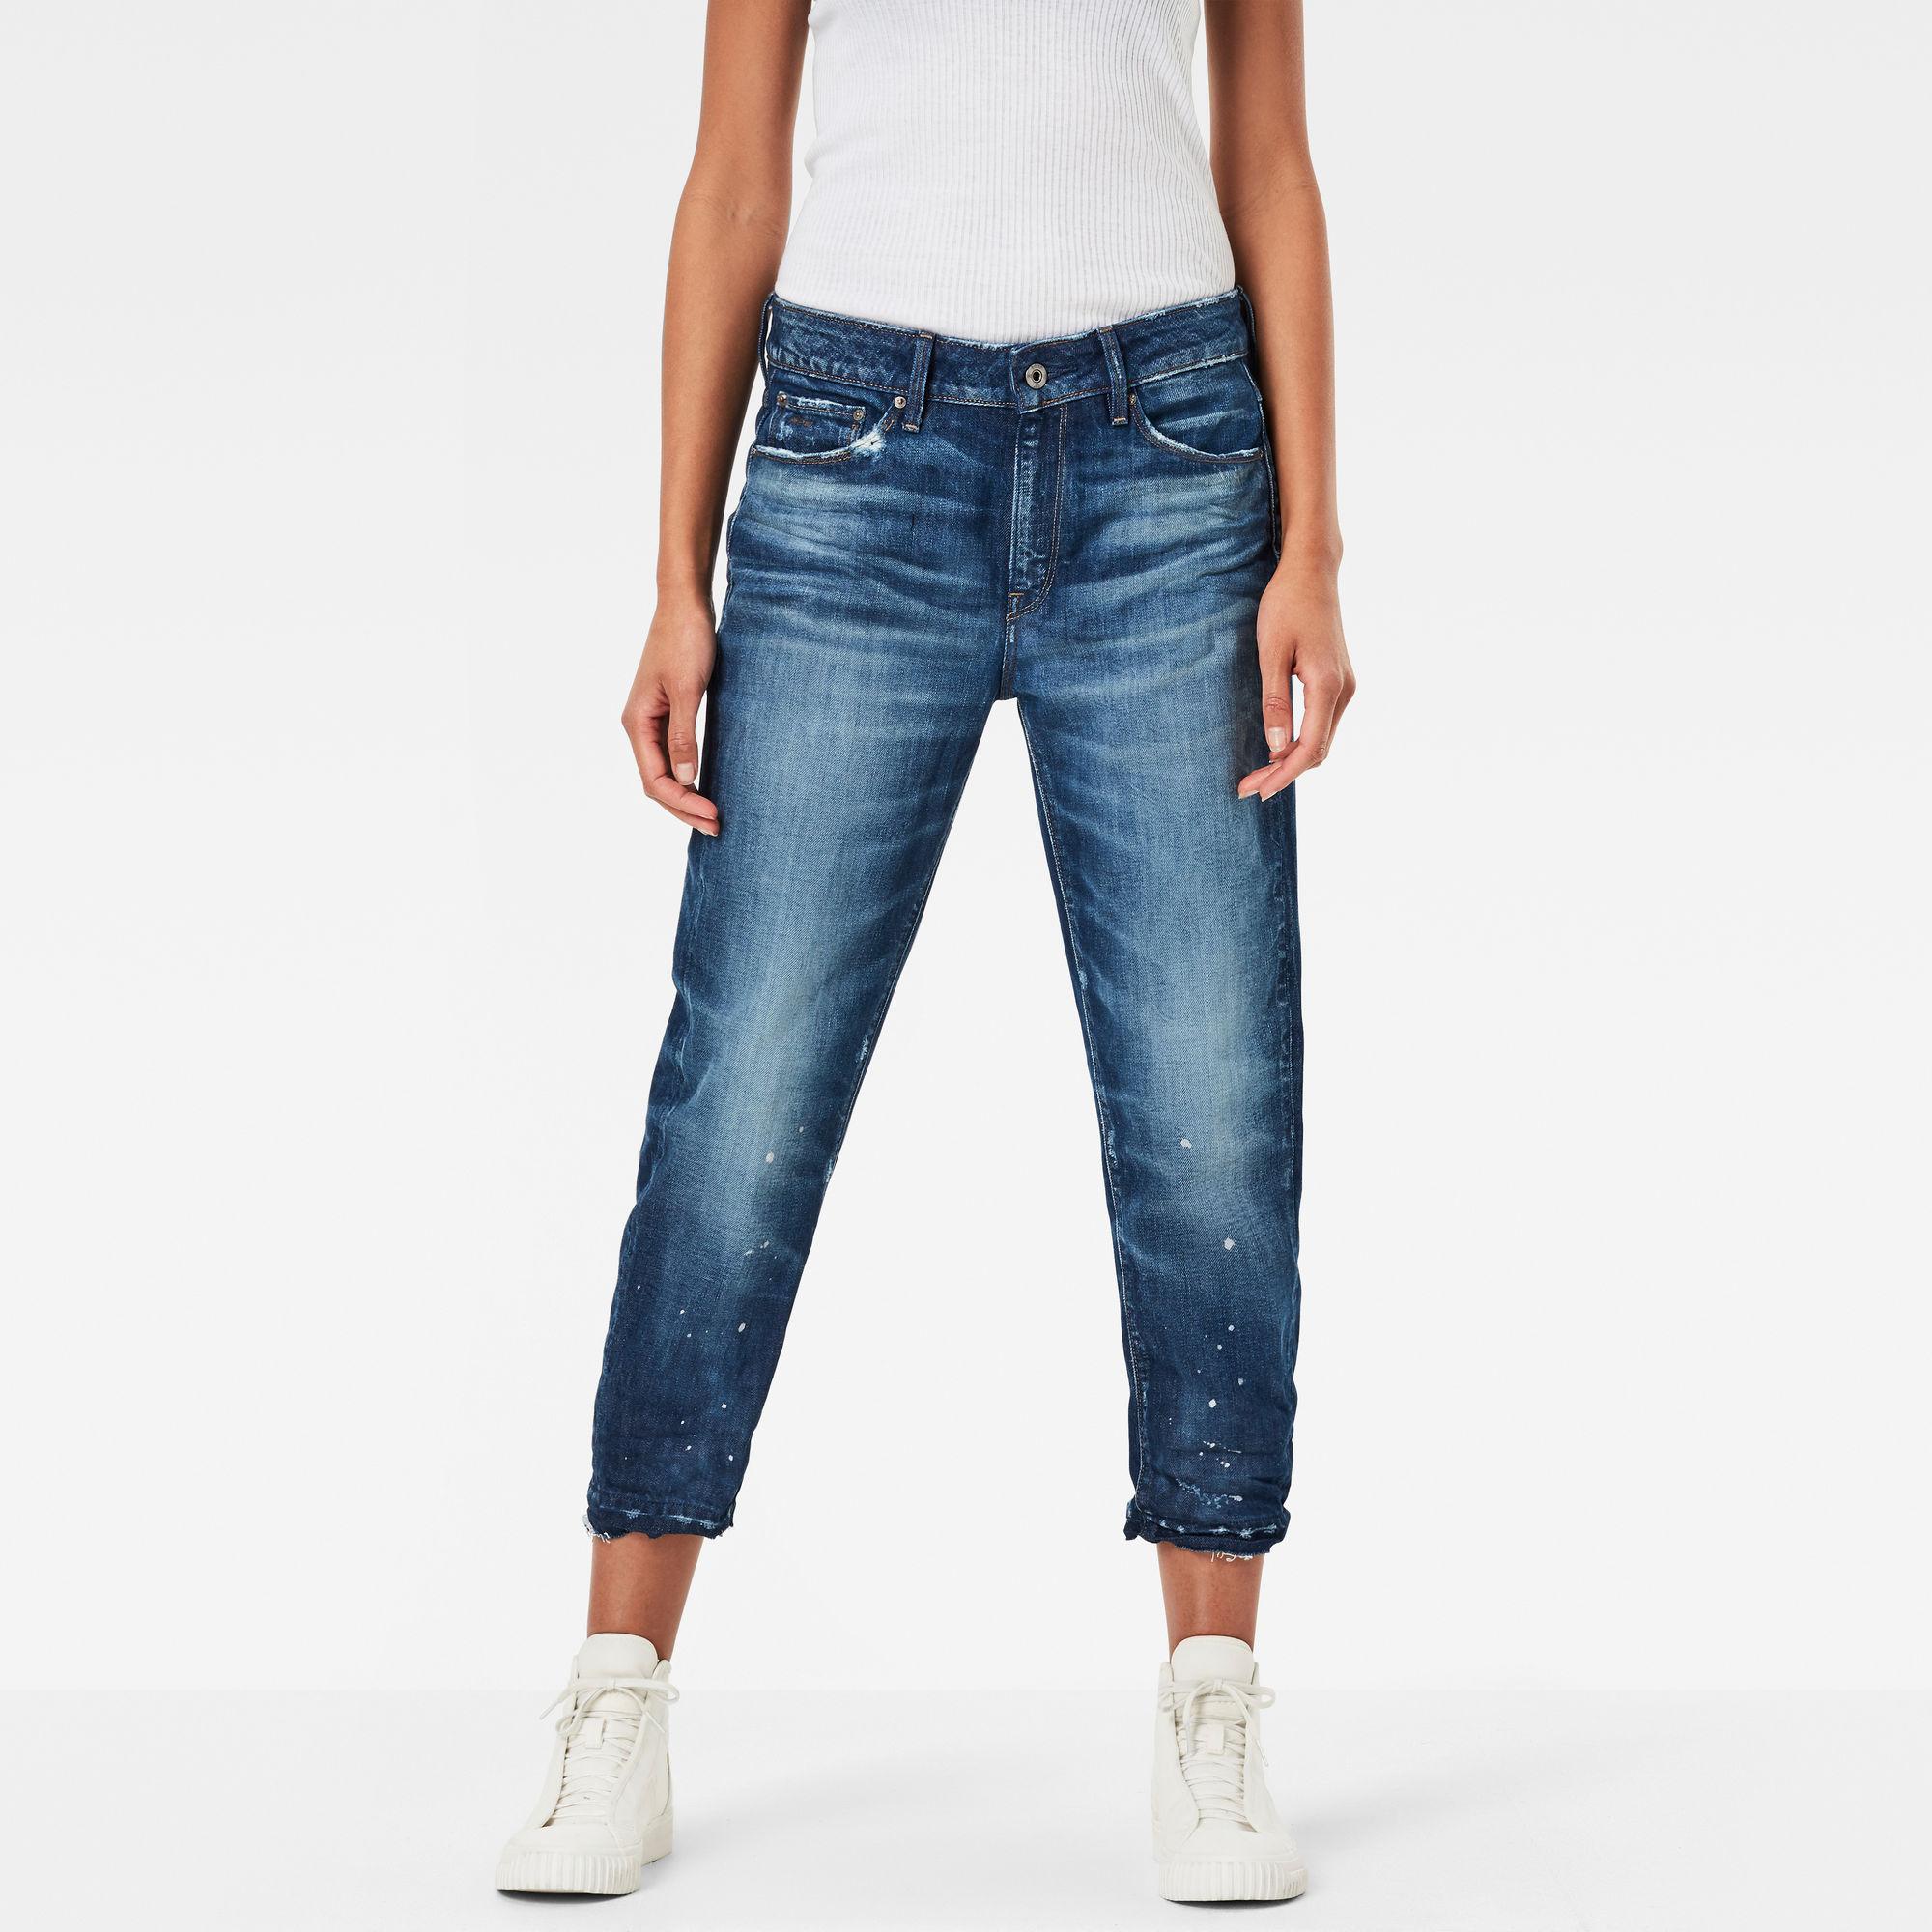 3301 Mid Waist Boyfriend RP 7 8 Jeans